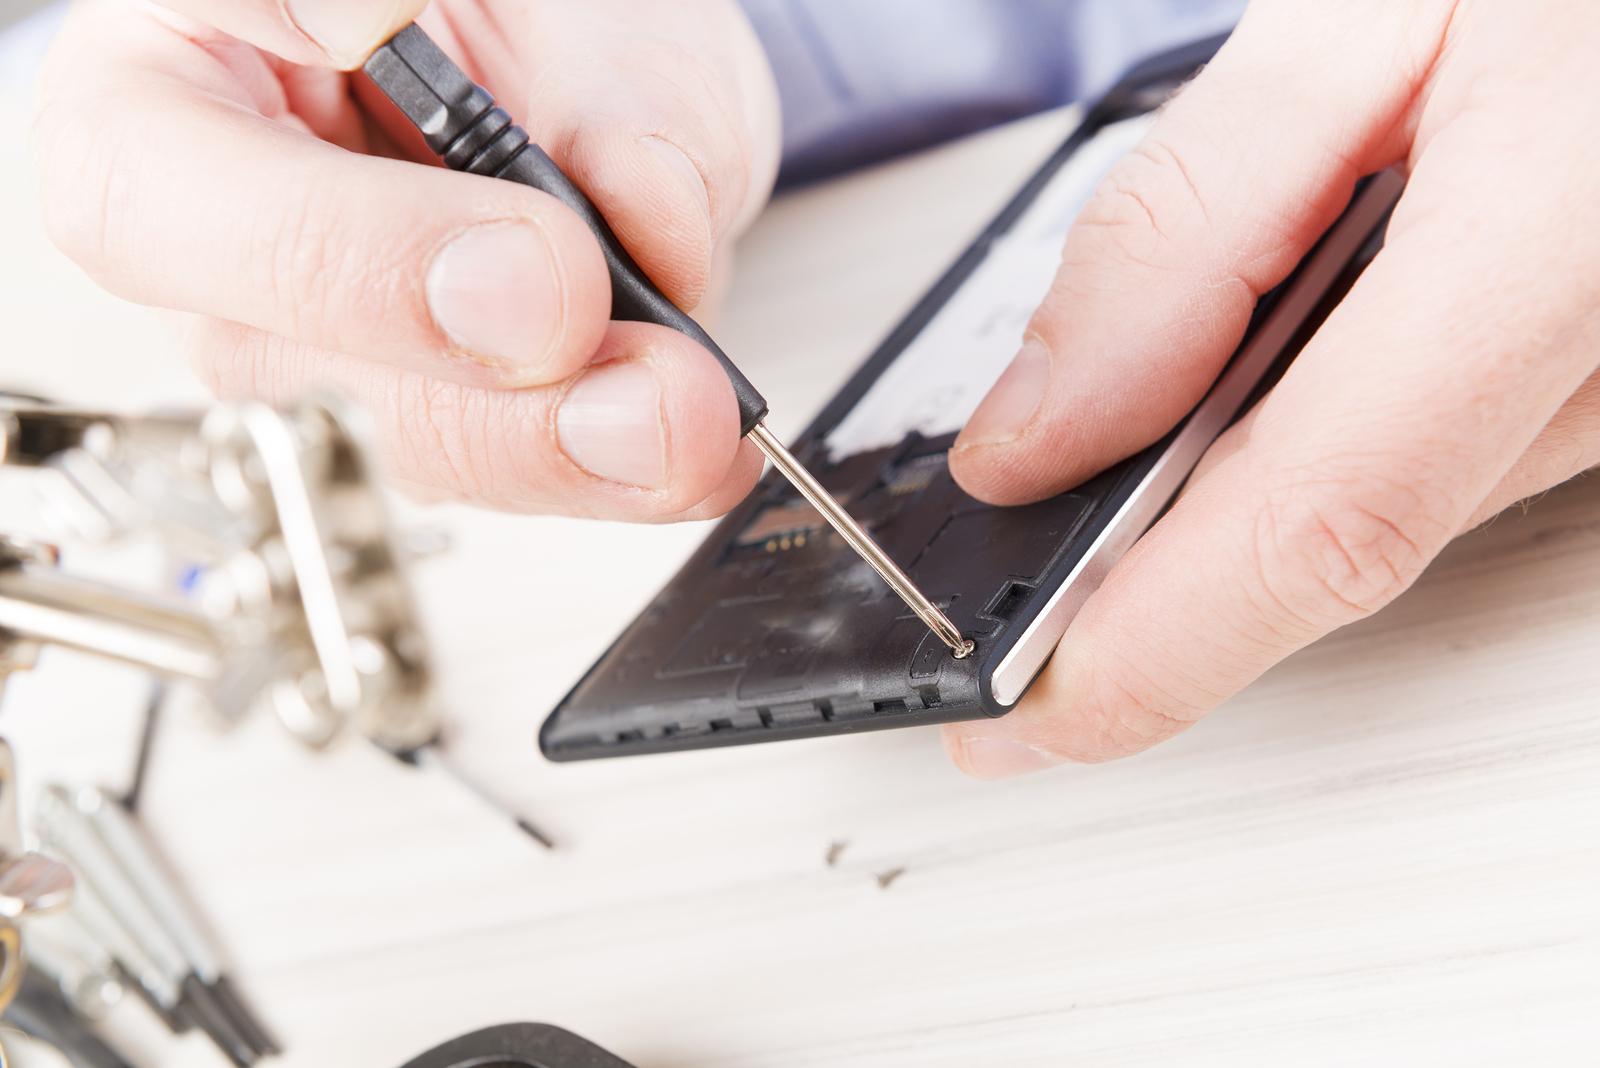 Ремонт мобильный телефон своими руками